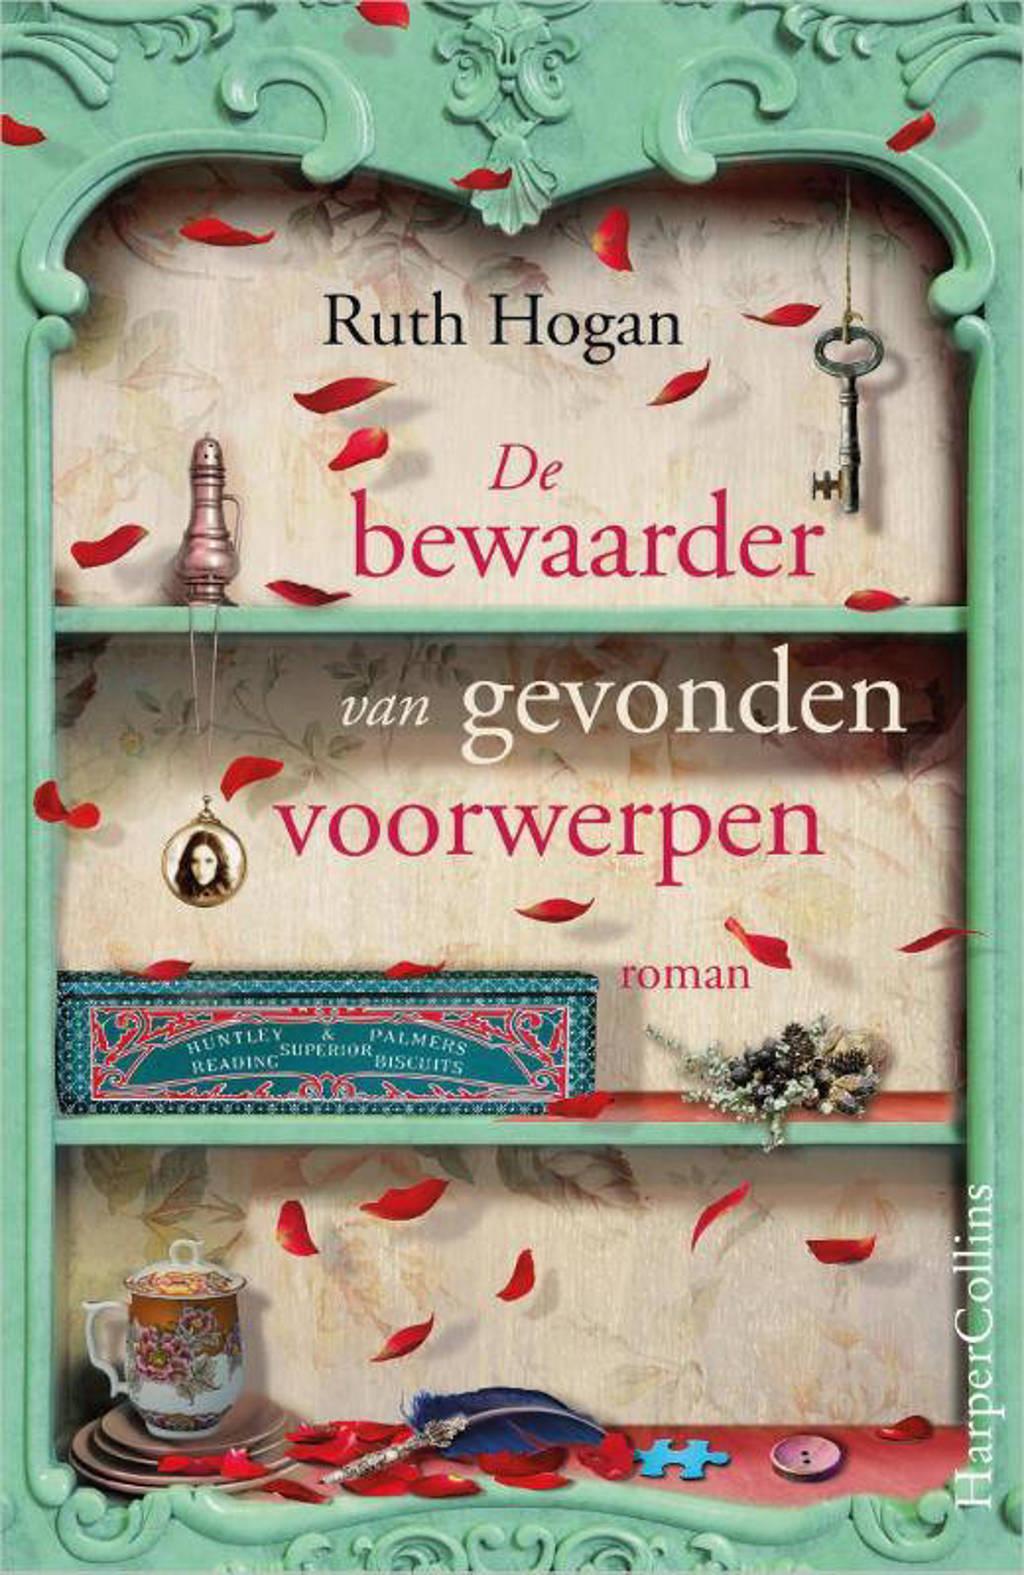 De bewaarder van gevonden voorwerpen - Ruth Hogan